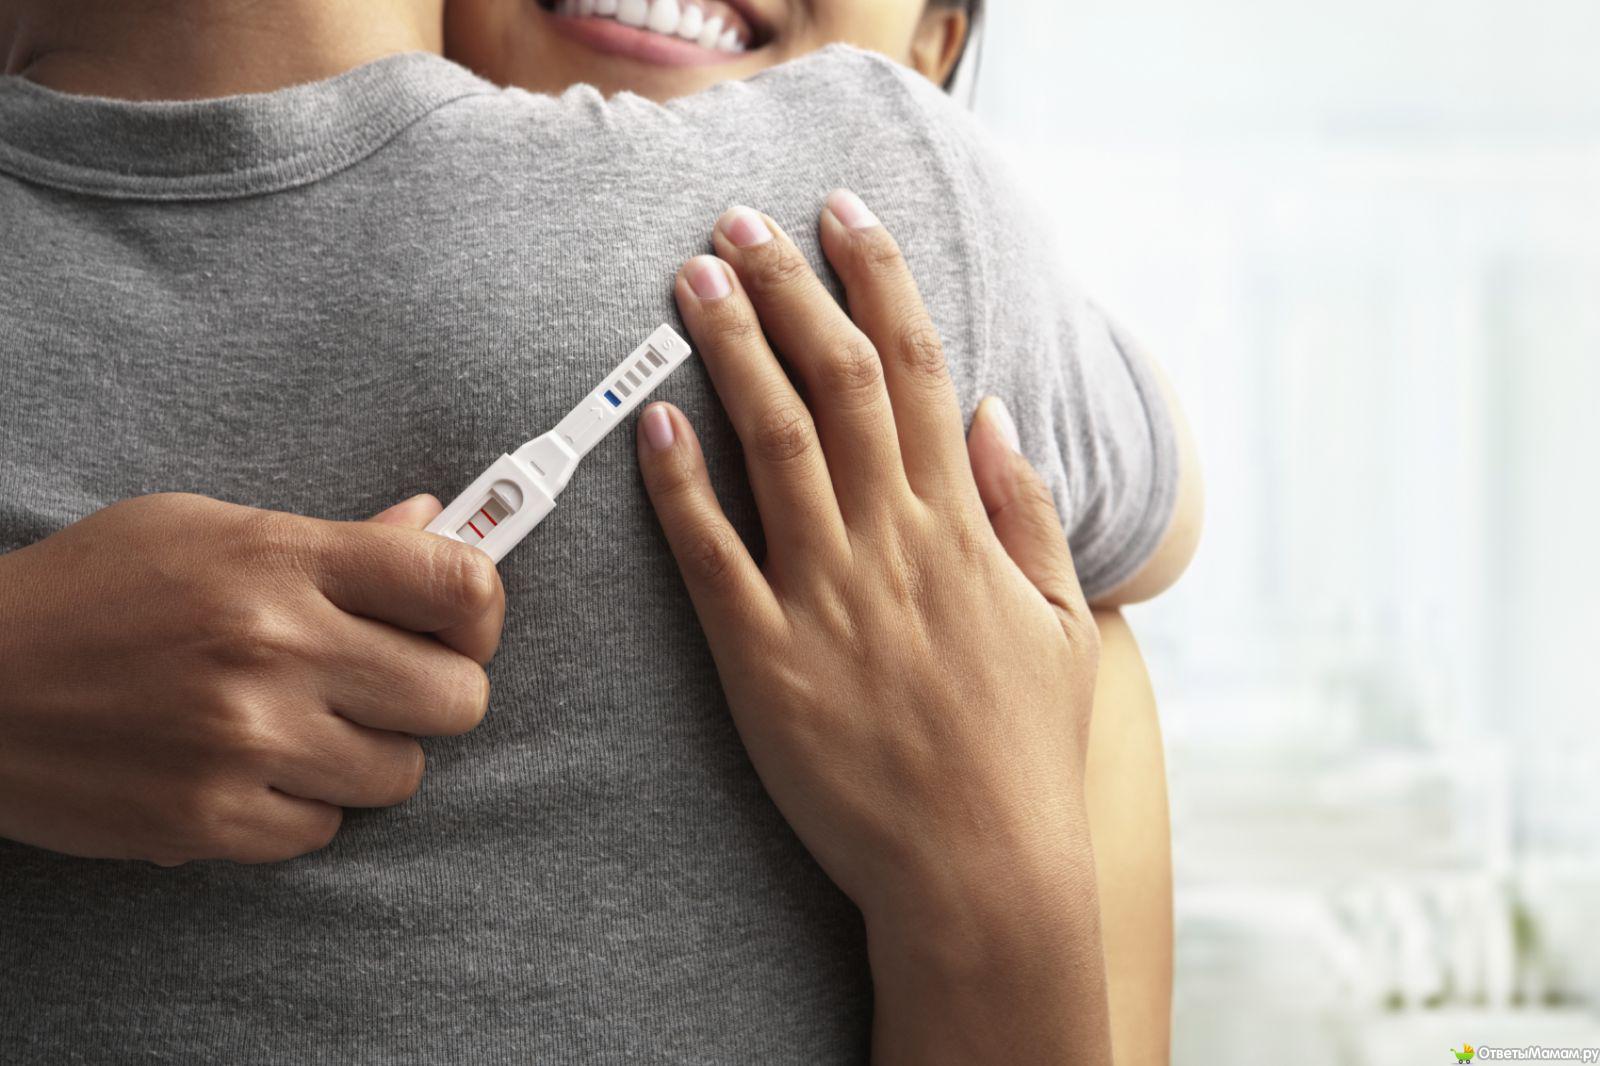 При каком сроке беременности тест показывает положительный результат - 2cd